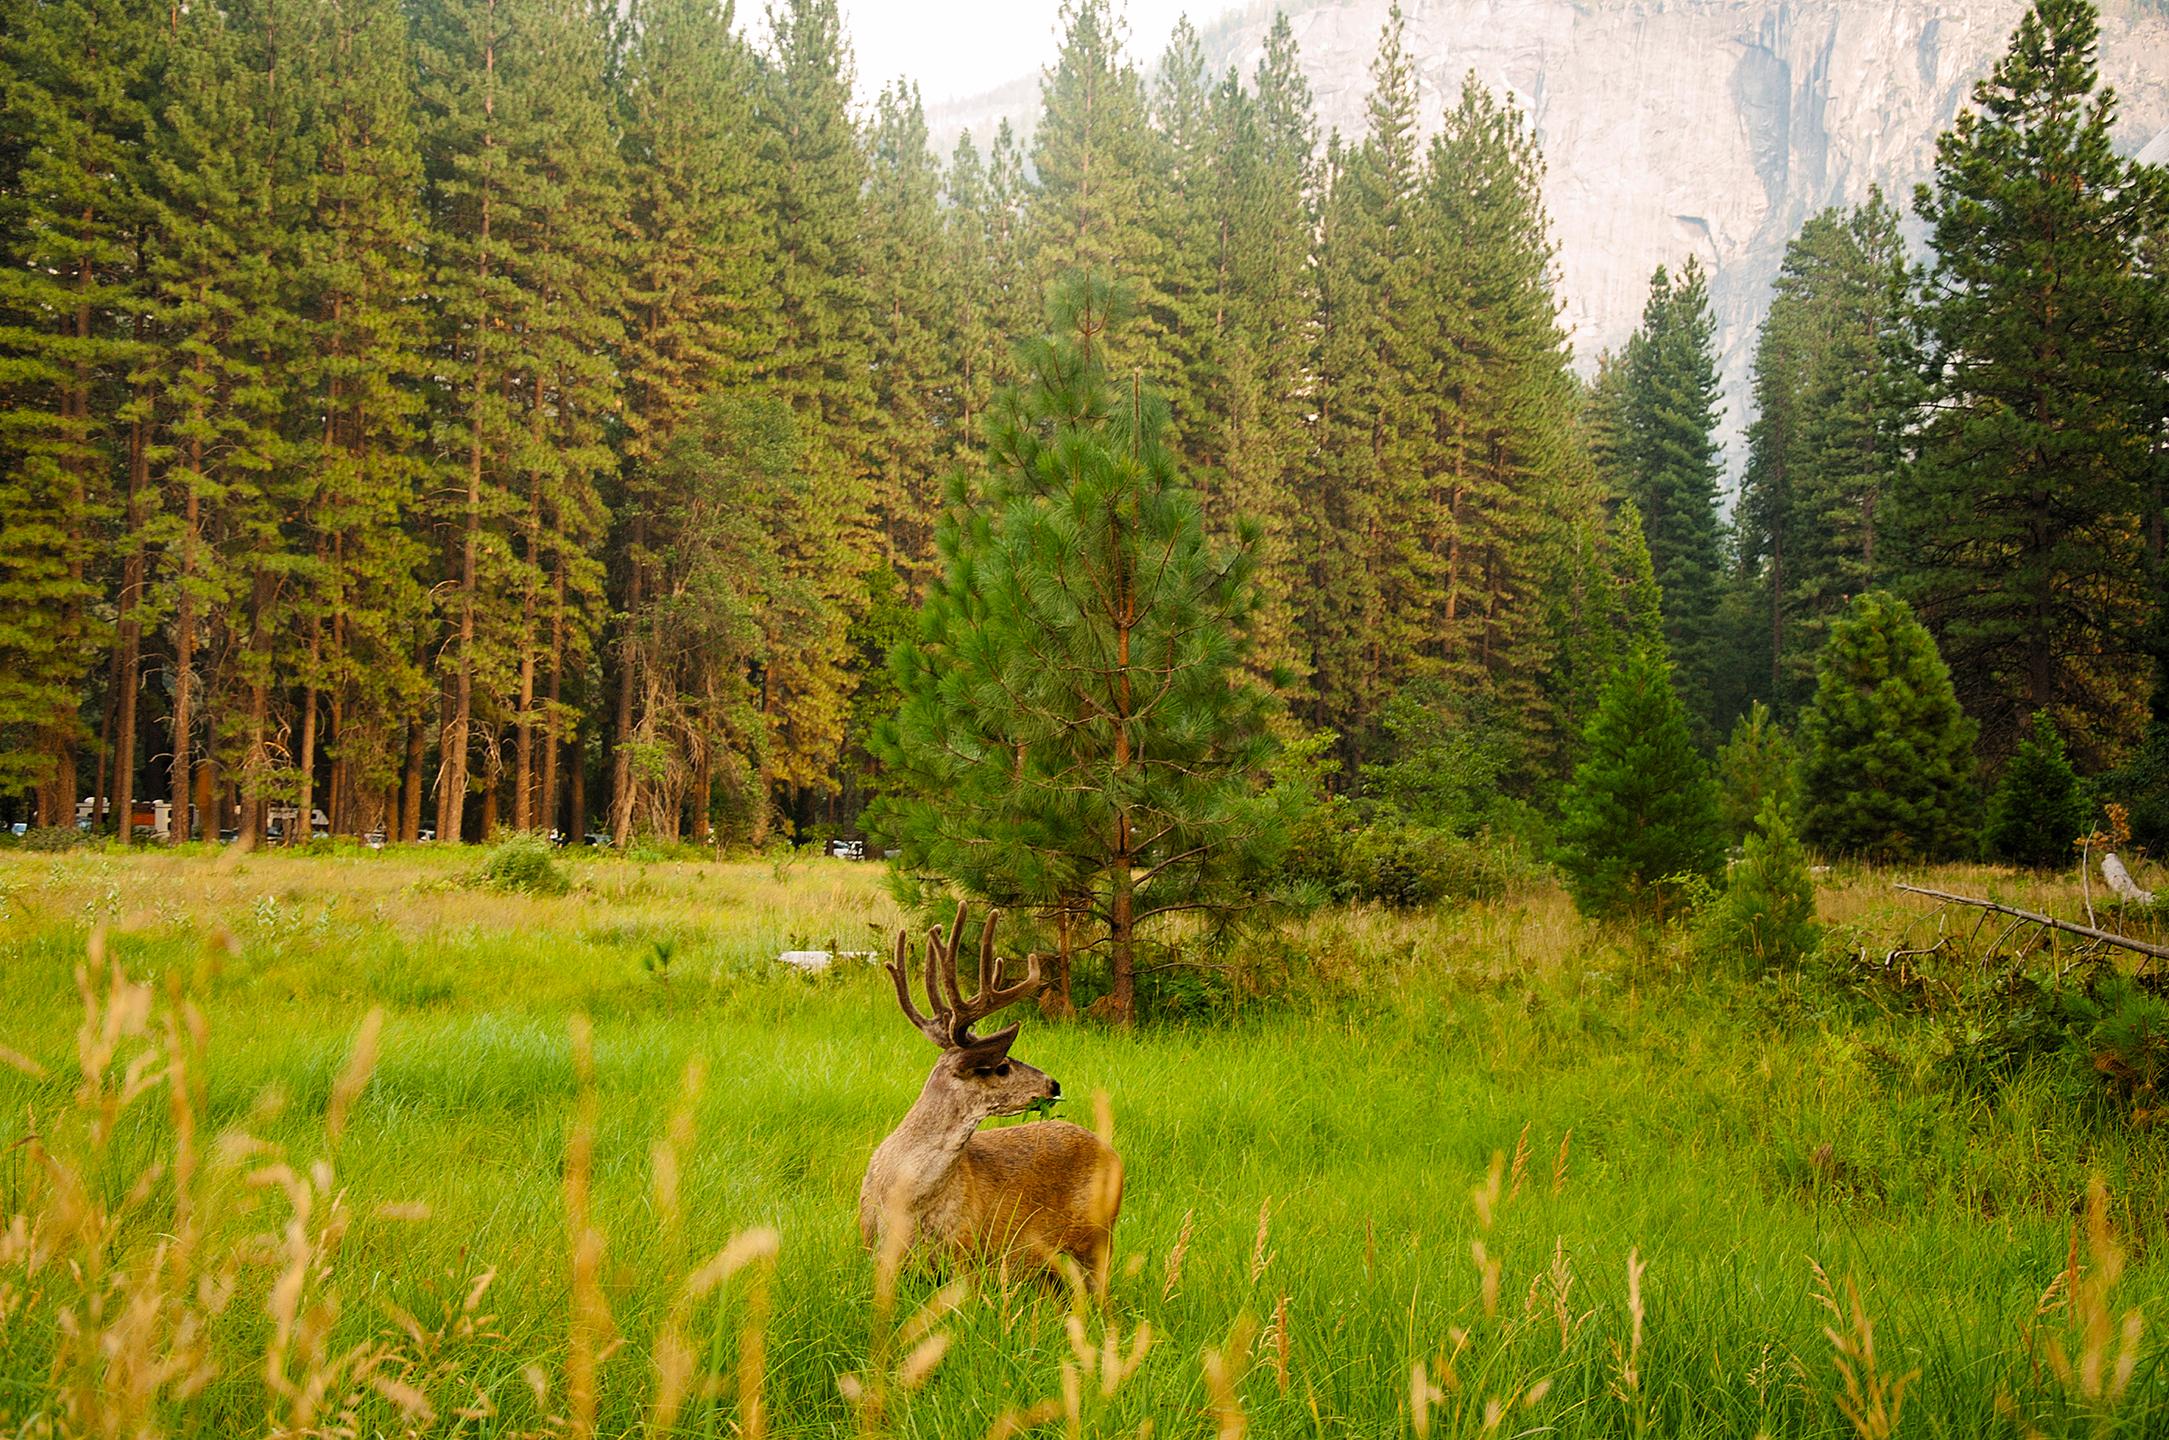 Deer in Yosemite Valley, Yosemite National Park, CA,